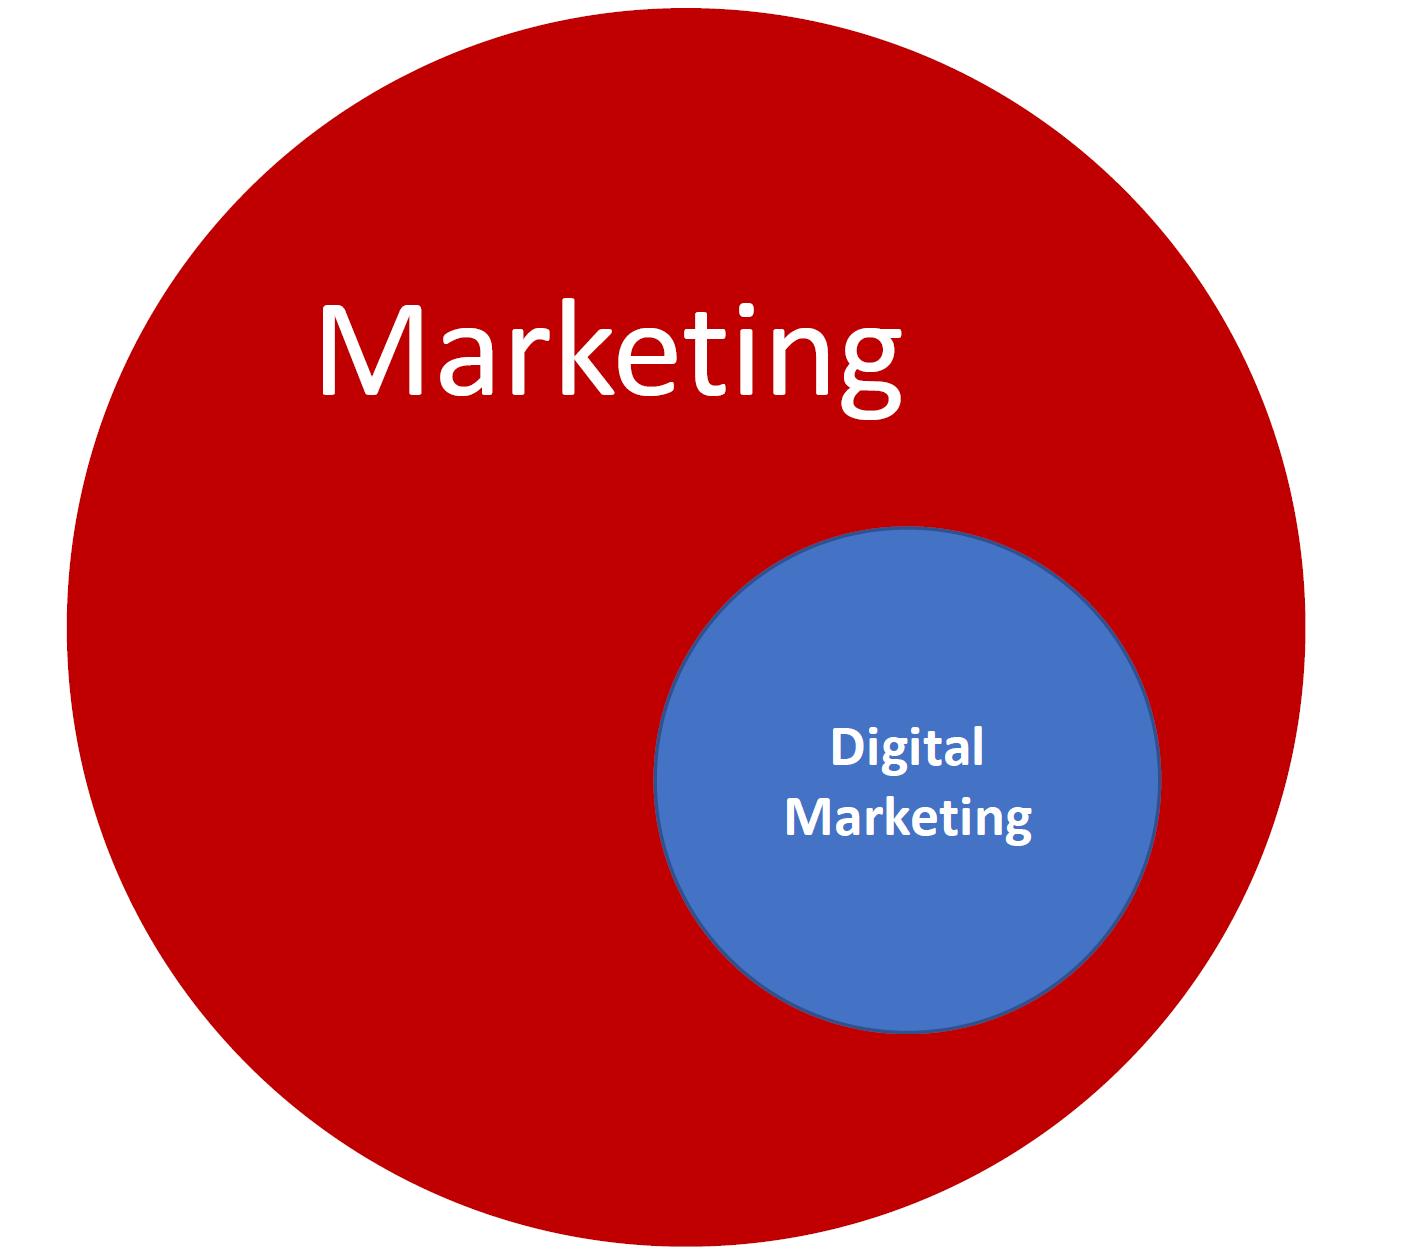 تفاوت بازاریابی و بازاریابی دیجیتال